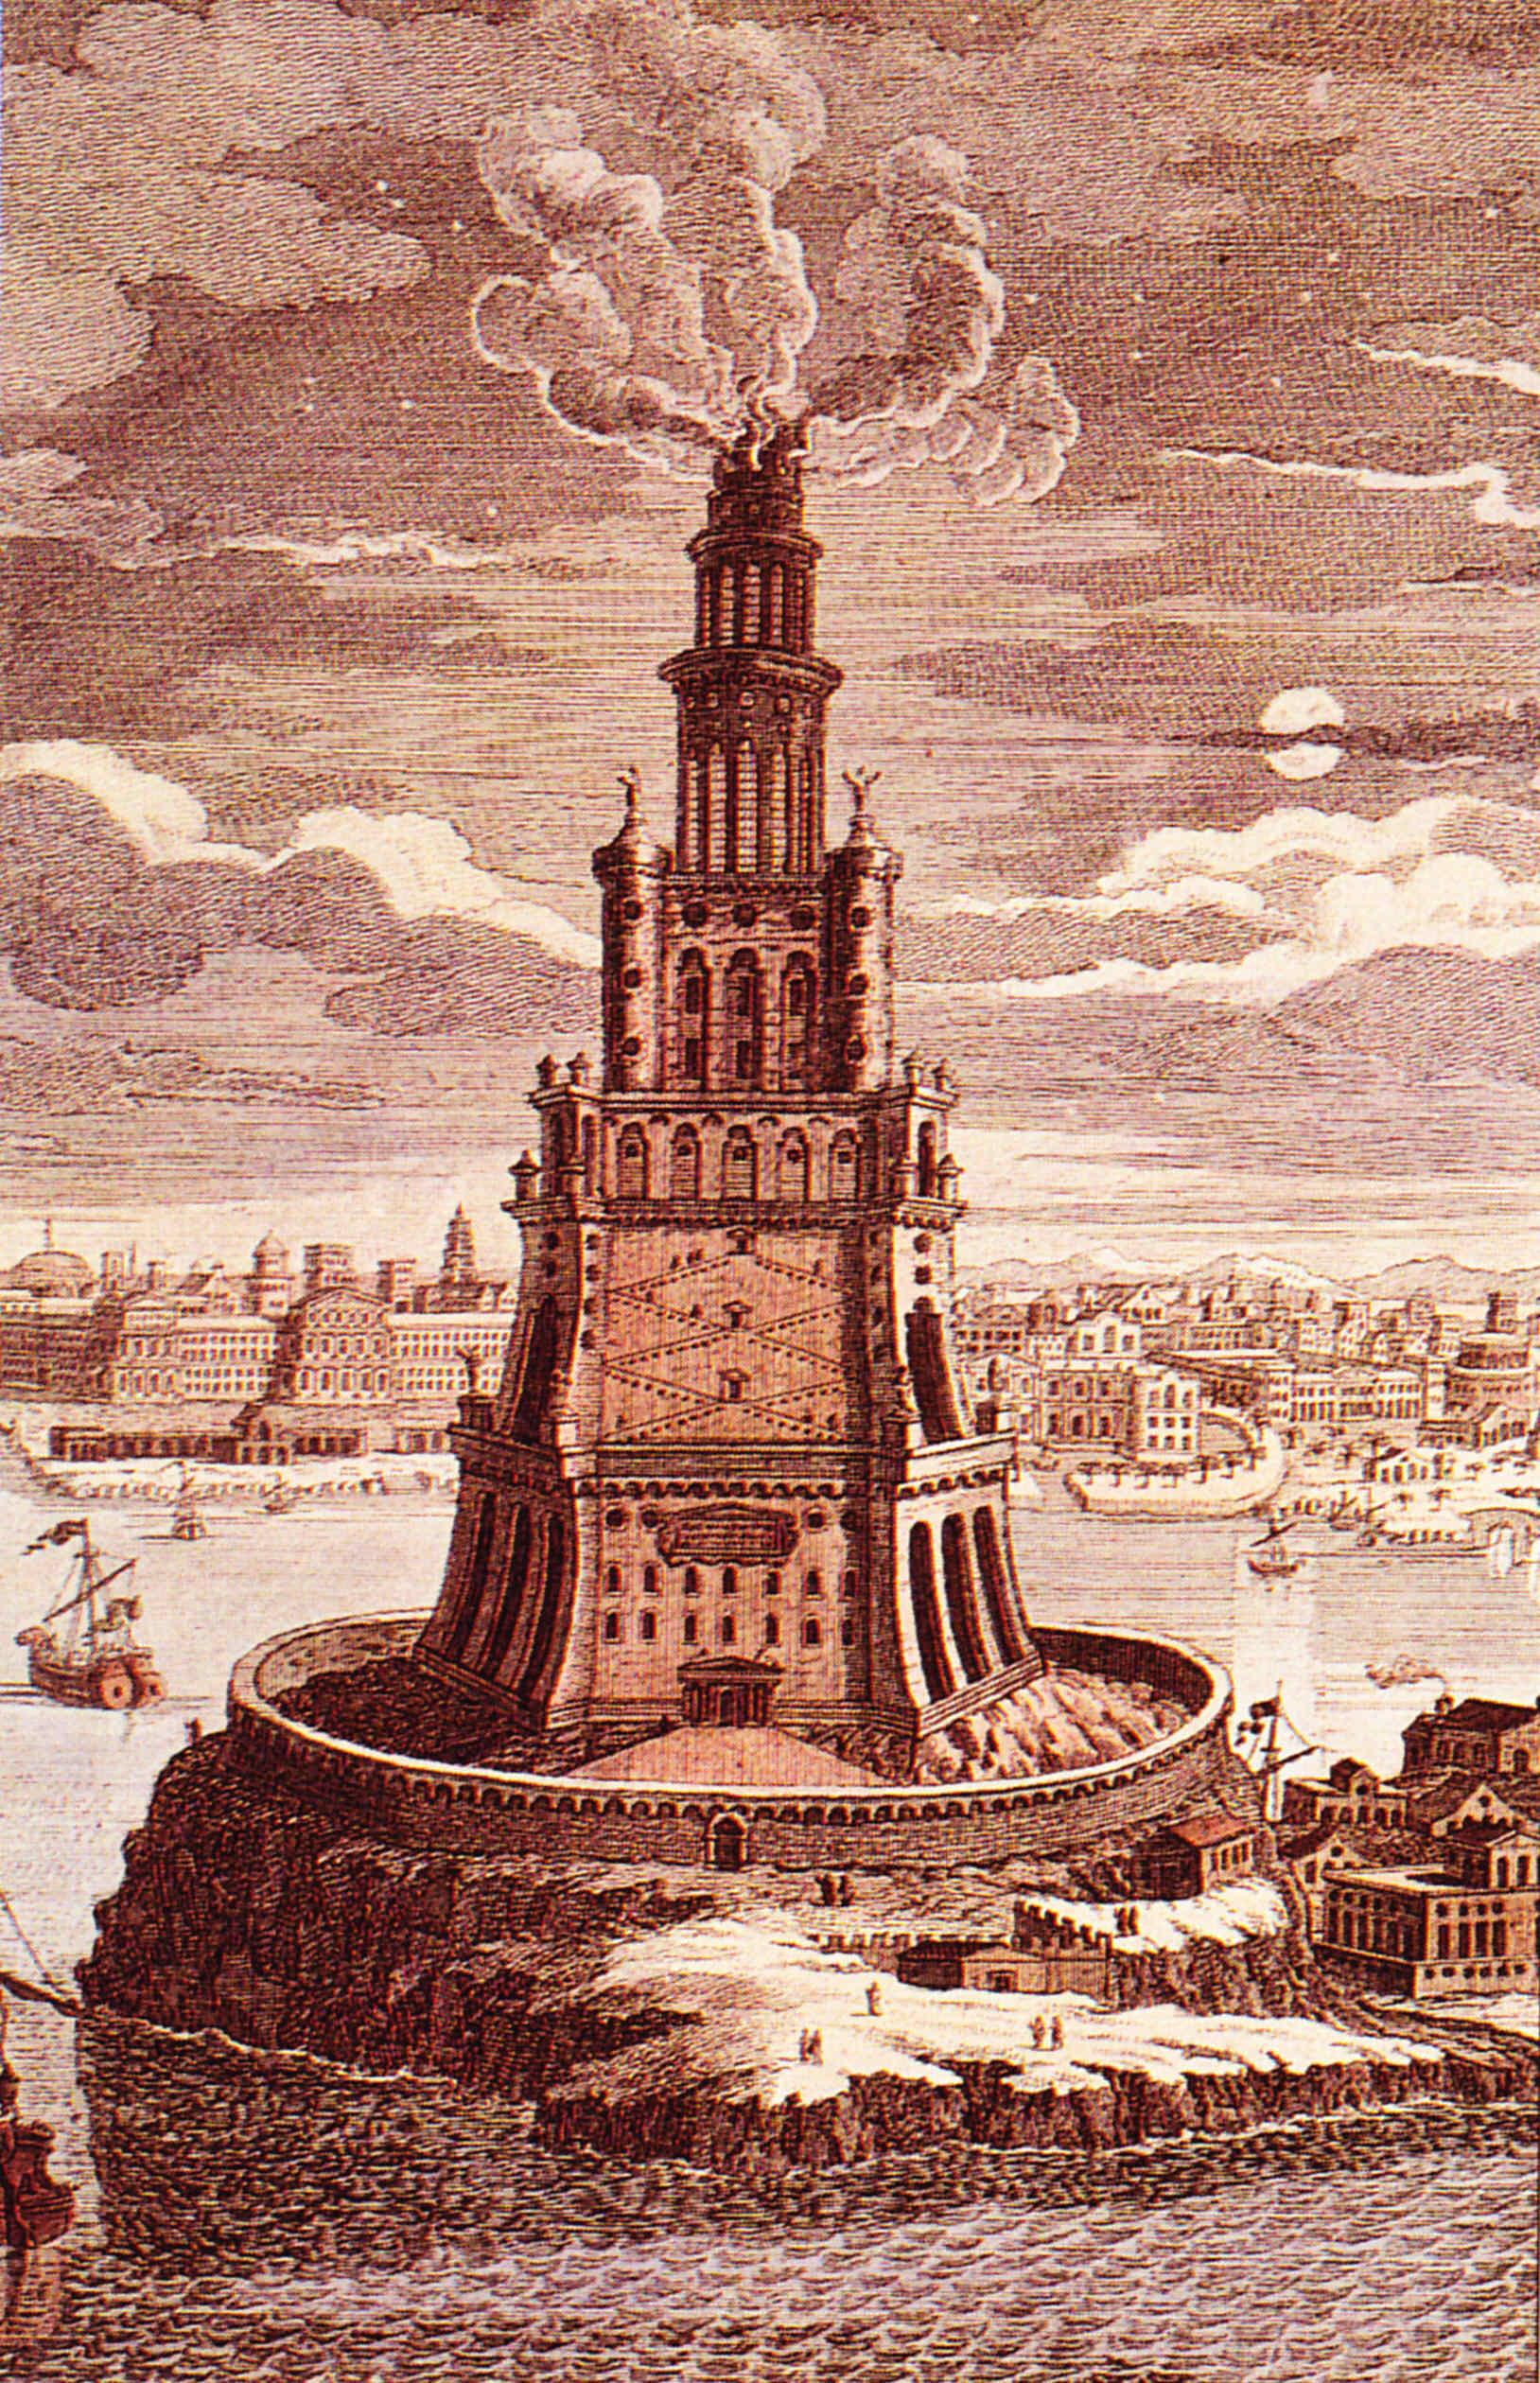 Egipto antiguo 2 y Alejandría